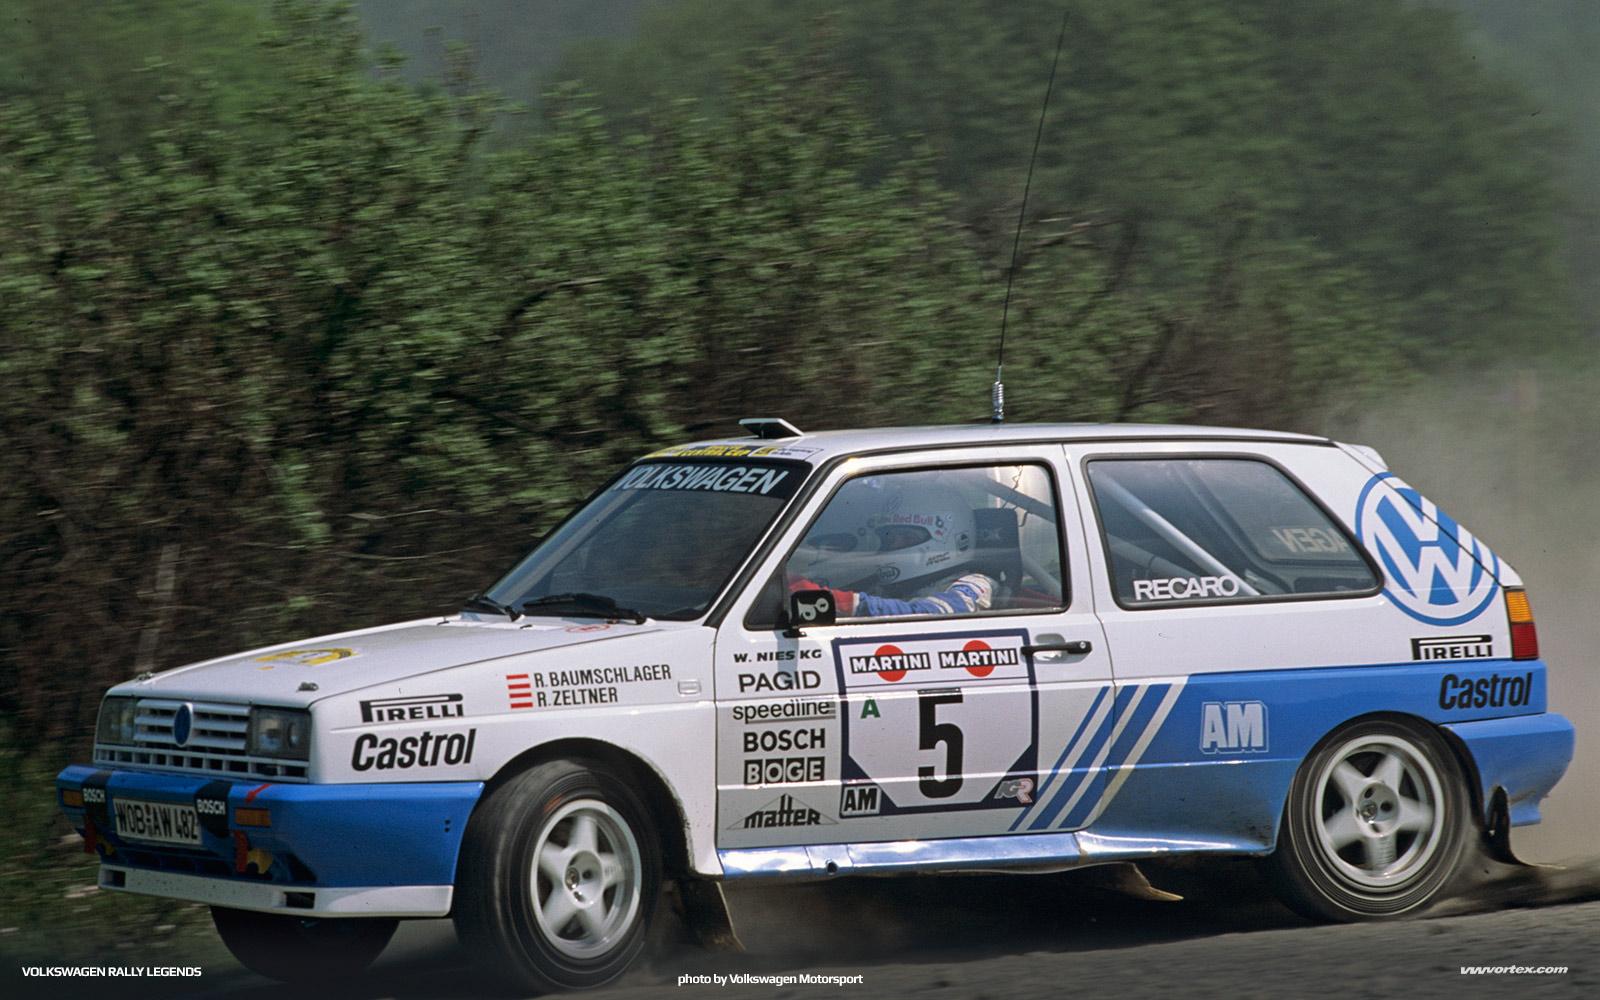 volkswagen-rally-legends-368